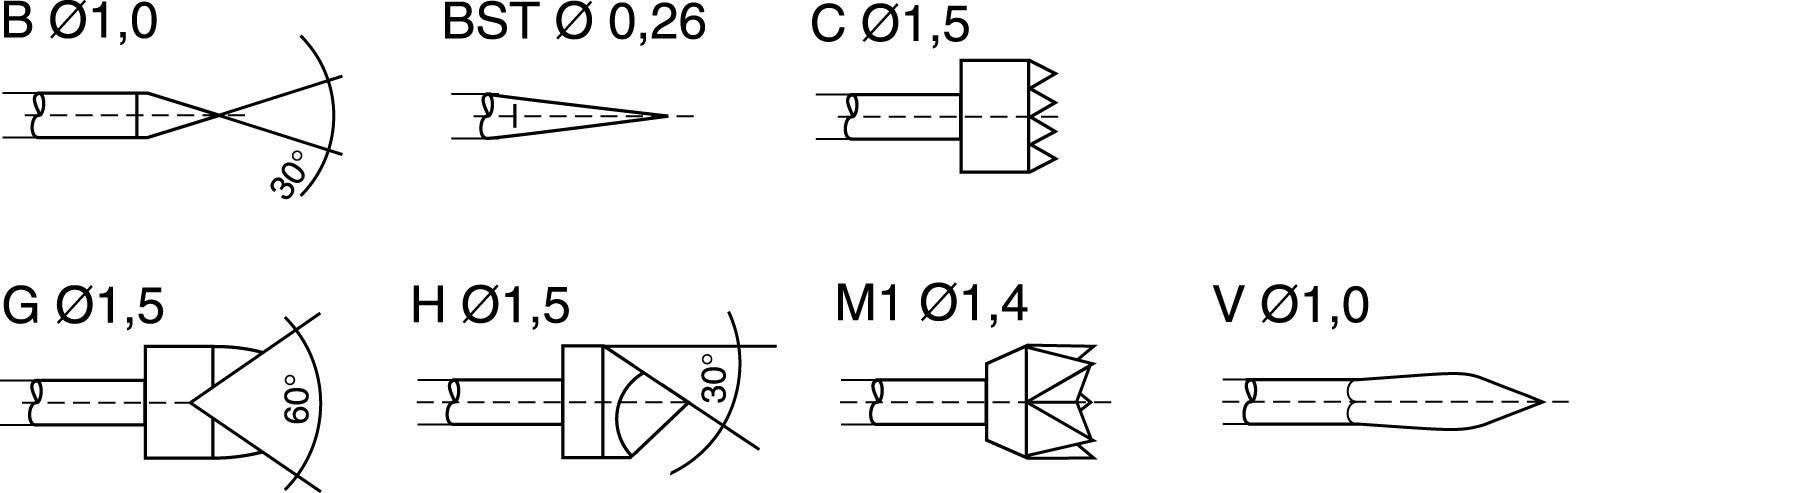 Zkušební hrot PTR 1025/E-G-1.5N-AU-1.5